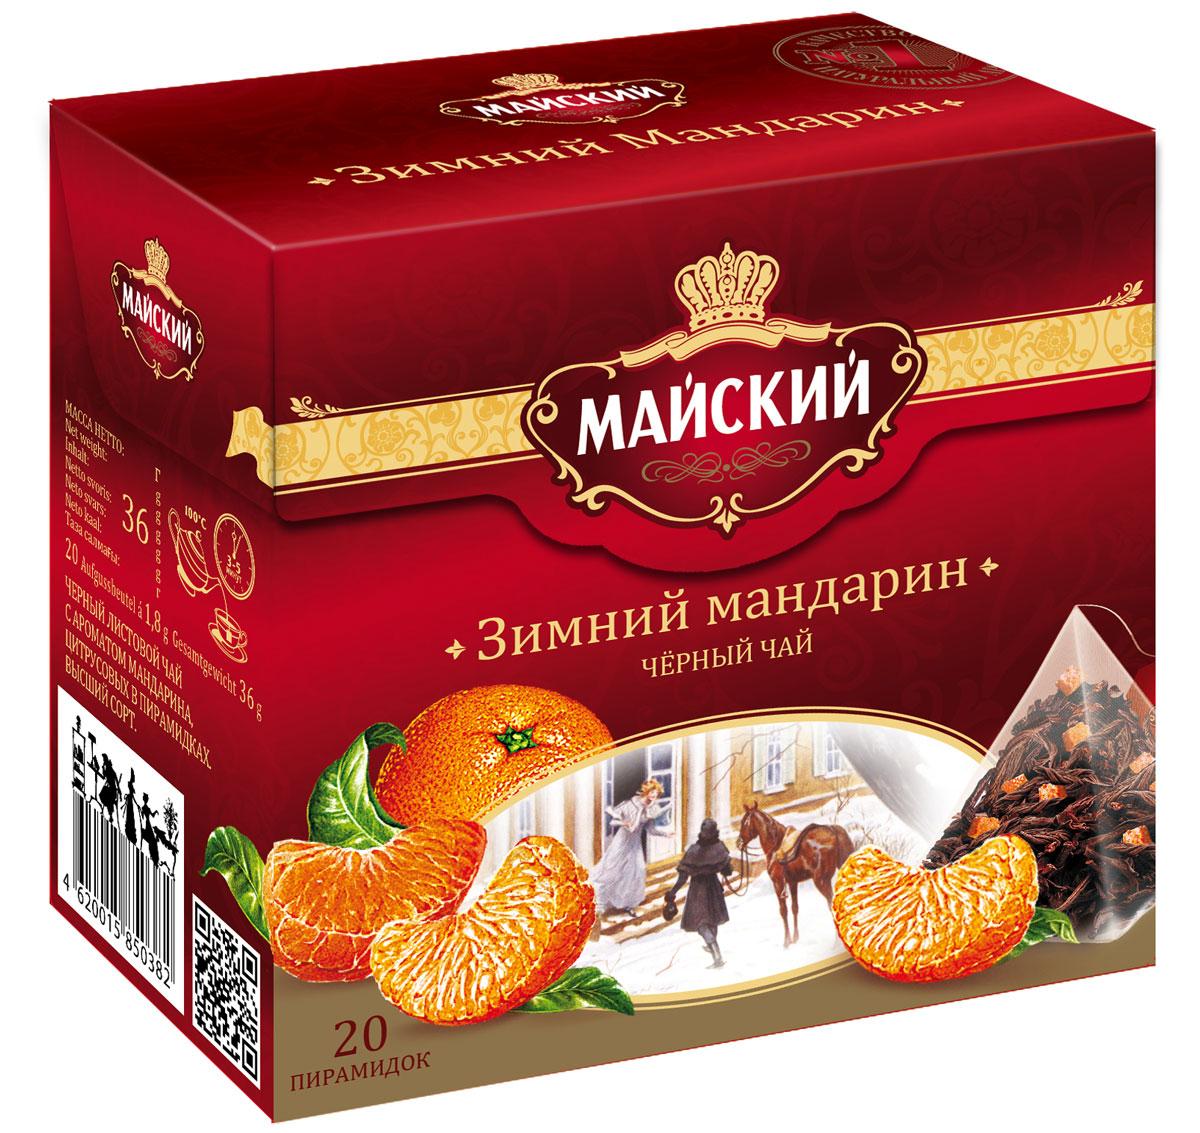 Майский Зимний Мандарин черный чай в пирамидках, 20 шт майский сладкая дыня черный чай в пирамидках 20 шт